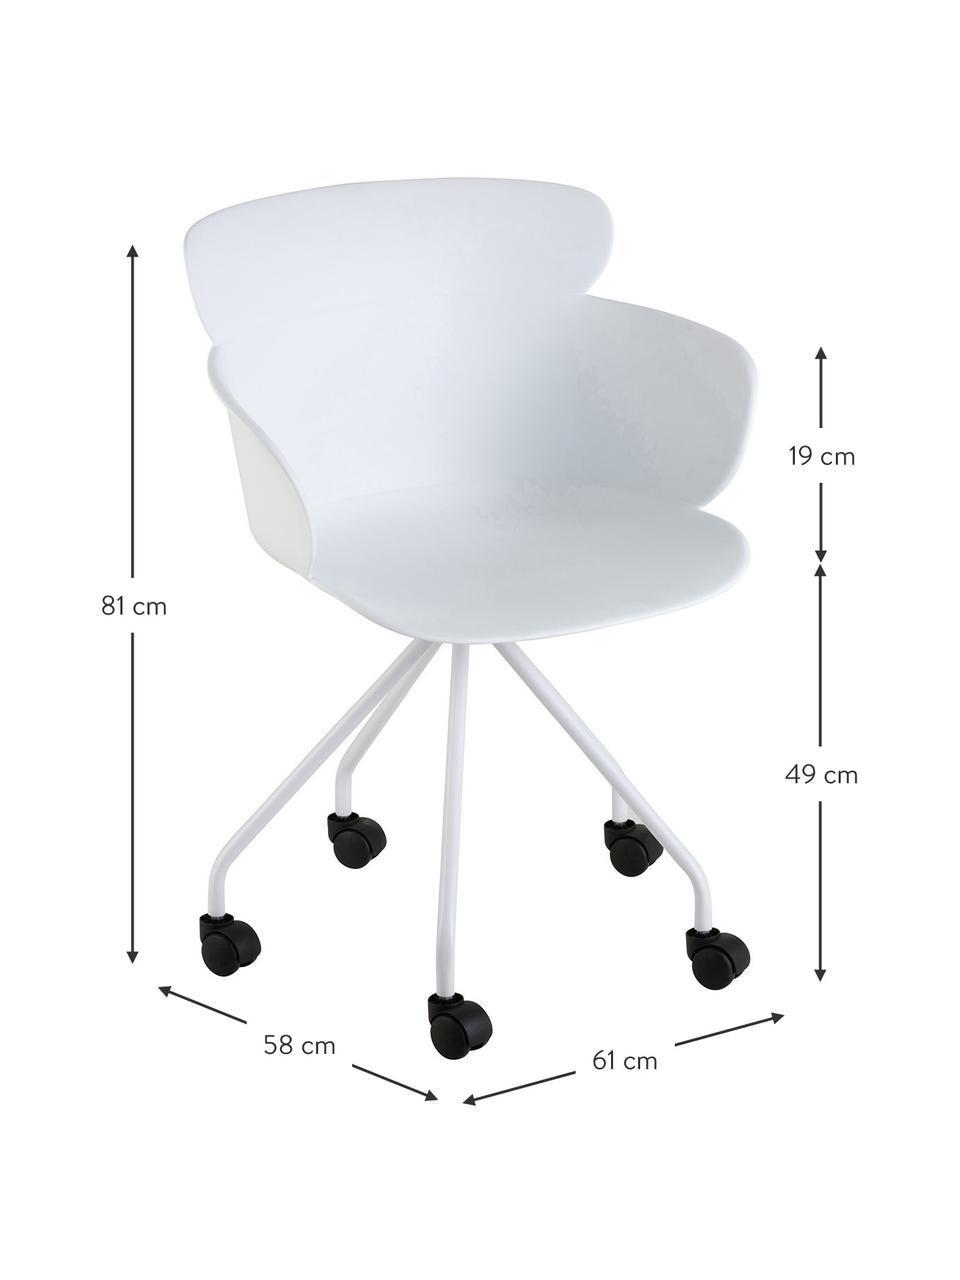 Krzesło biurowe z tworzywa sztucznego Eva, Tworzywo sztuczne (PP), Biały, S 61 x G 58 cm